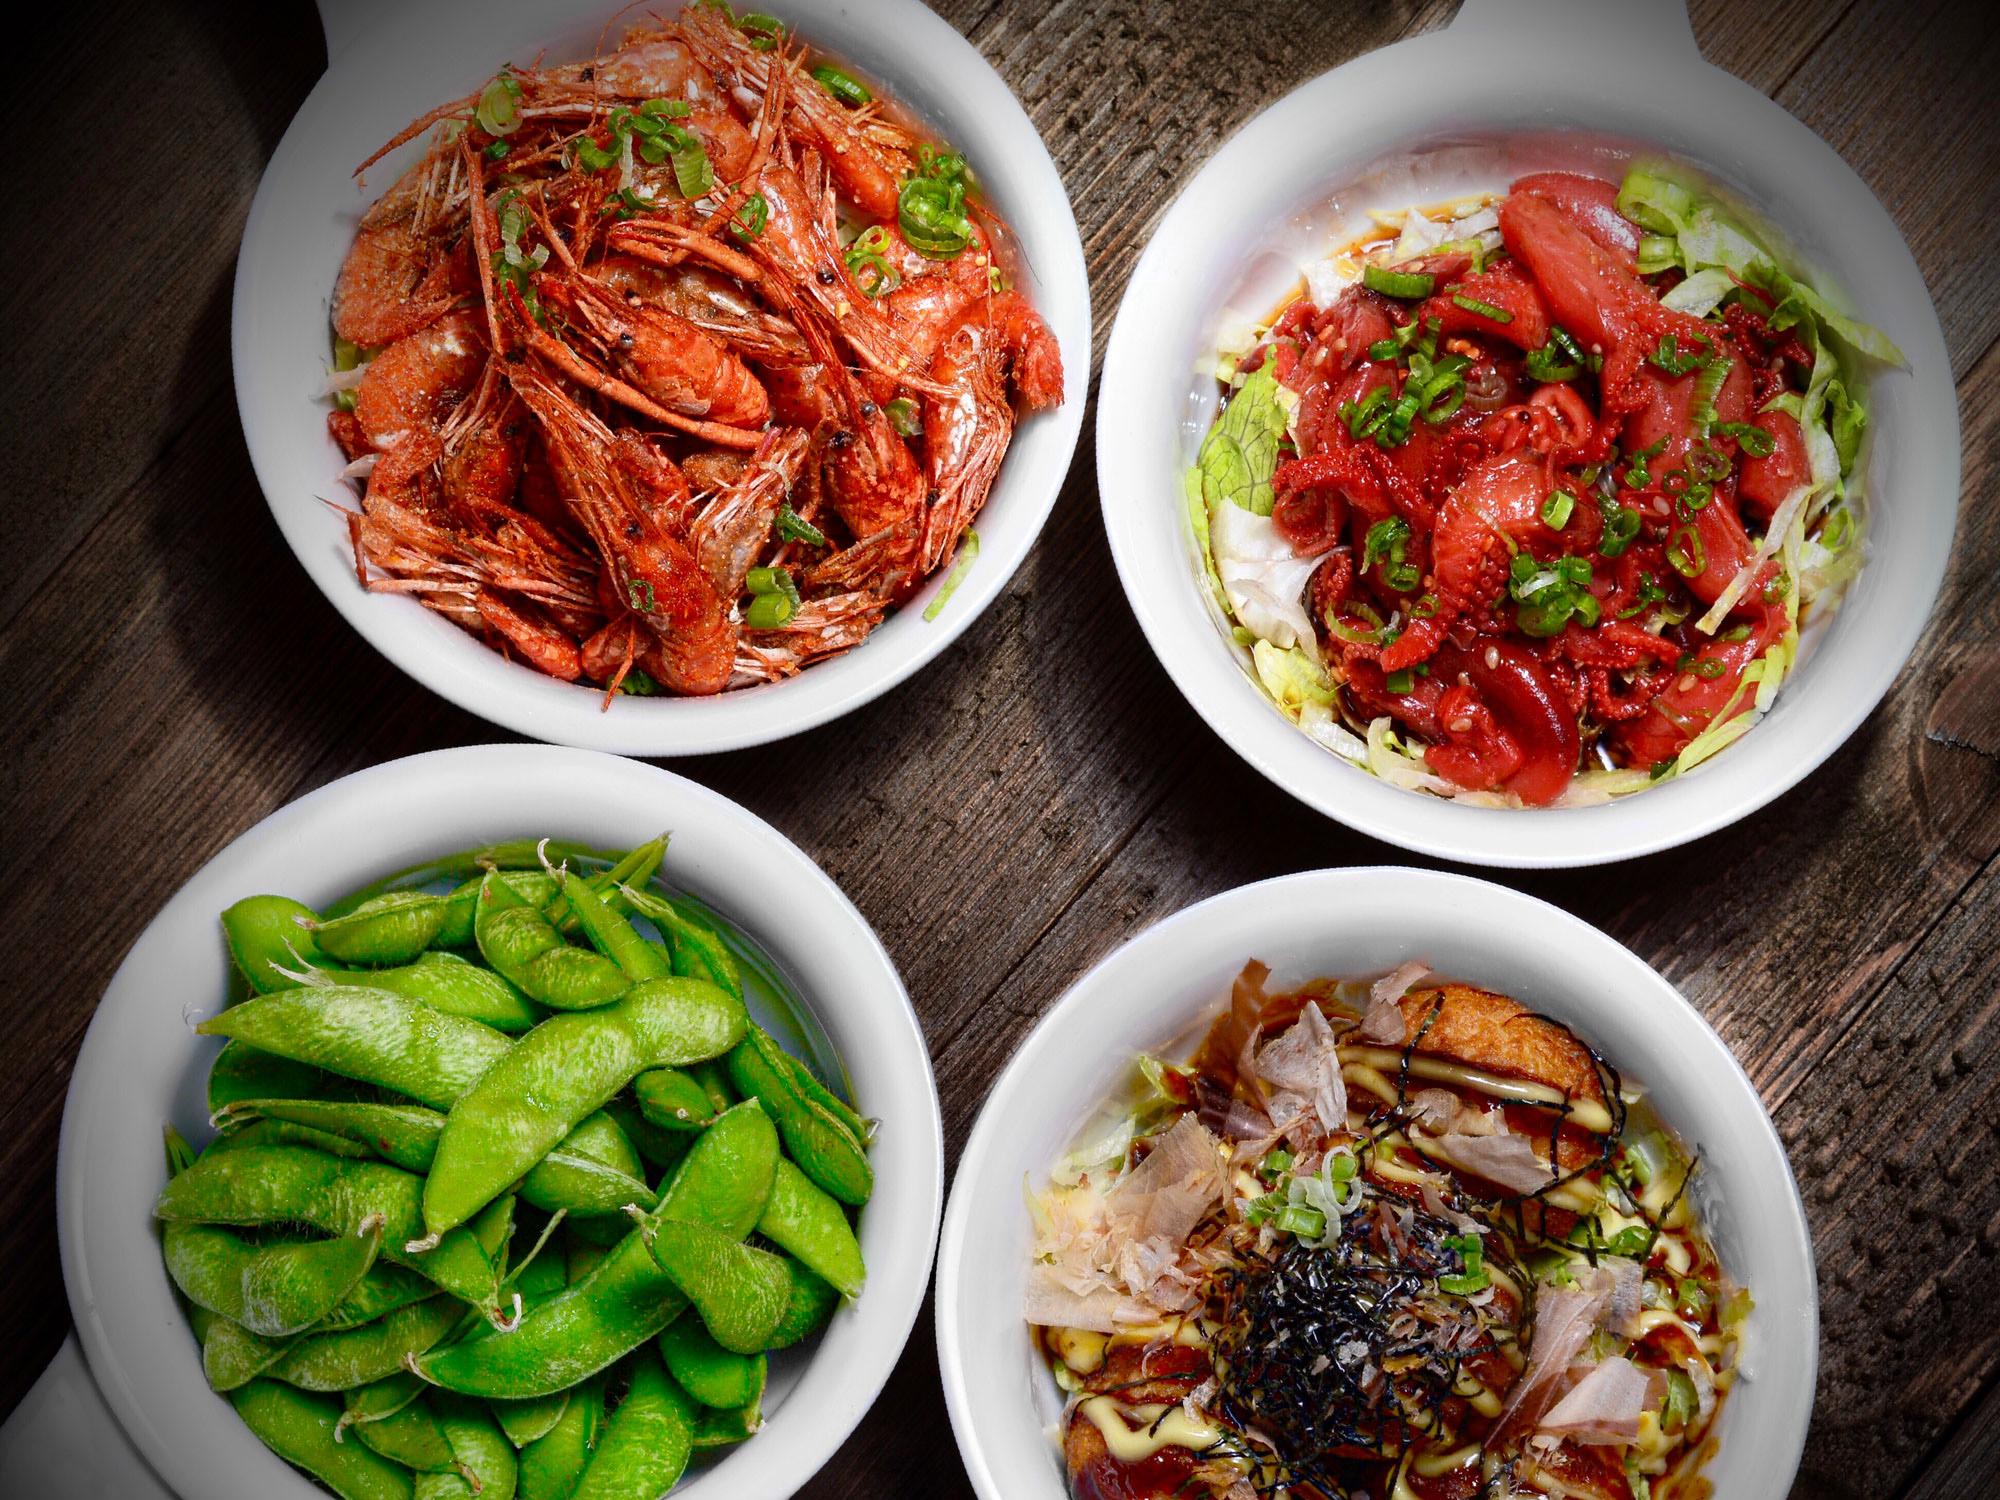 STRANGE FOODS FESTIVAL FOUNDER KENG SISAVATH'S BEST BITES OF 2018